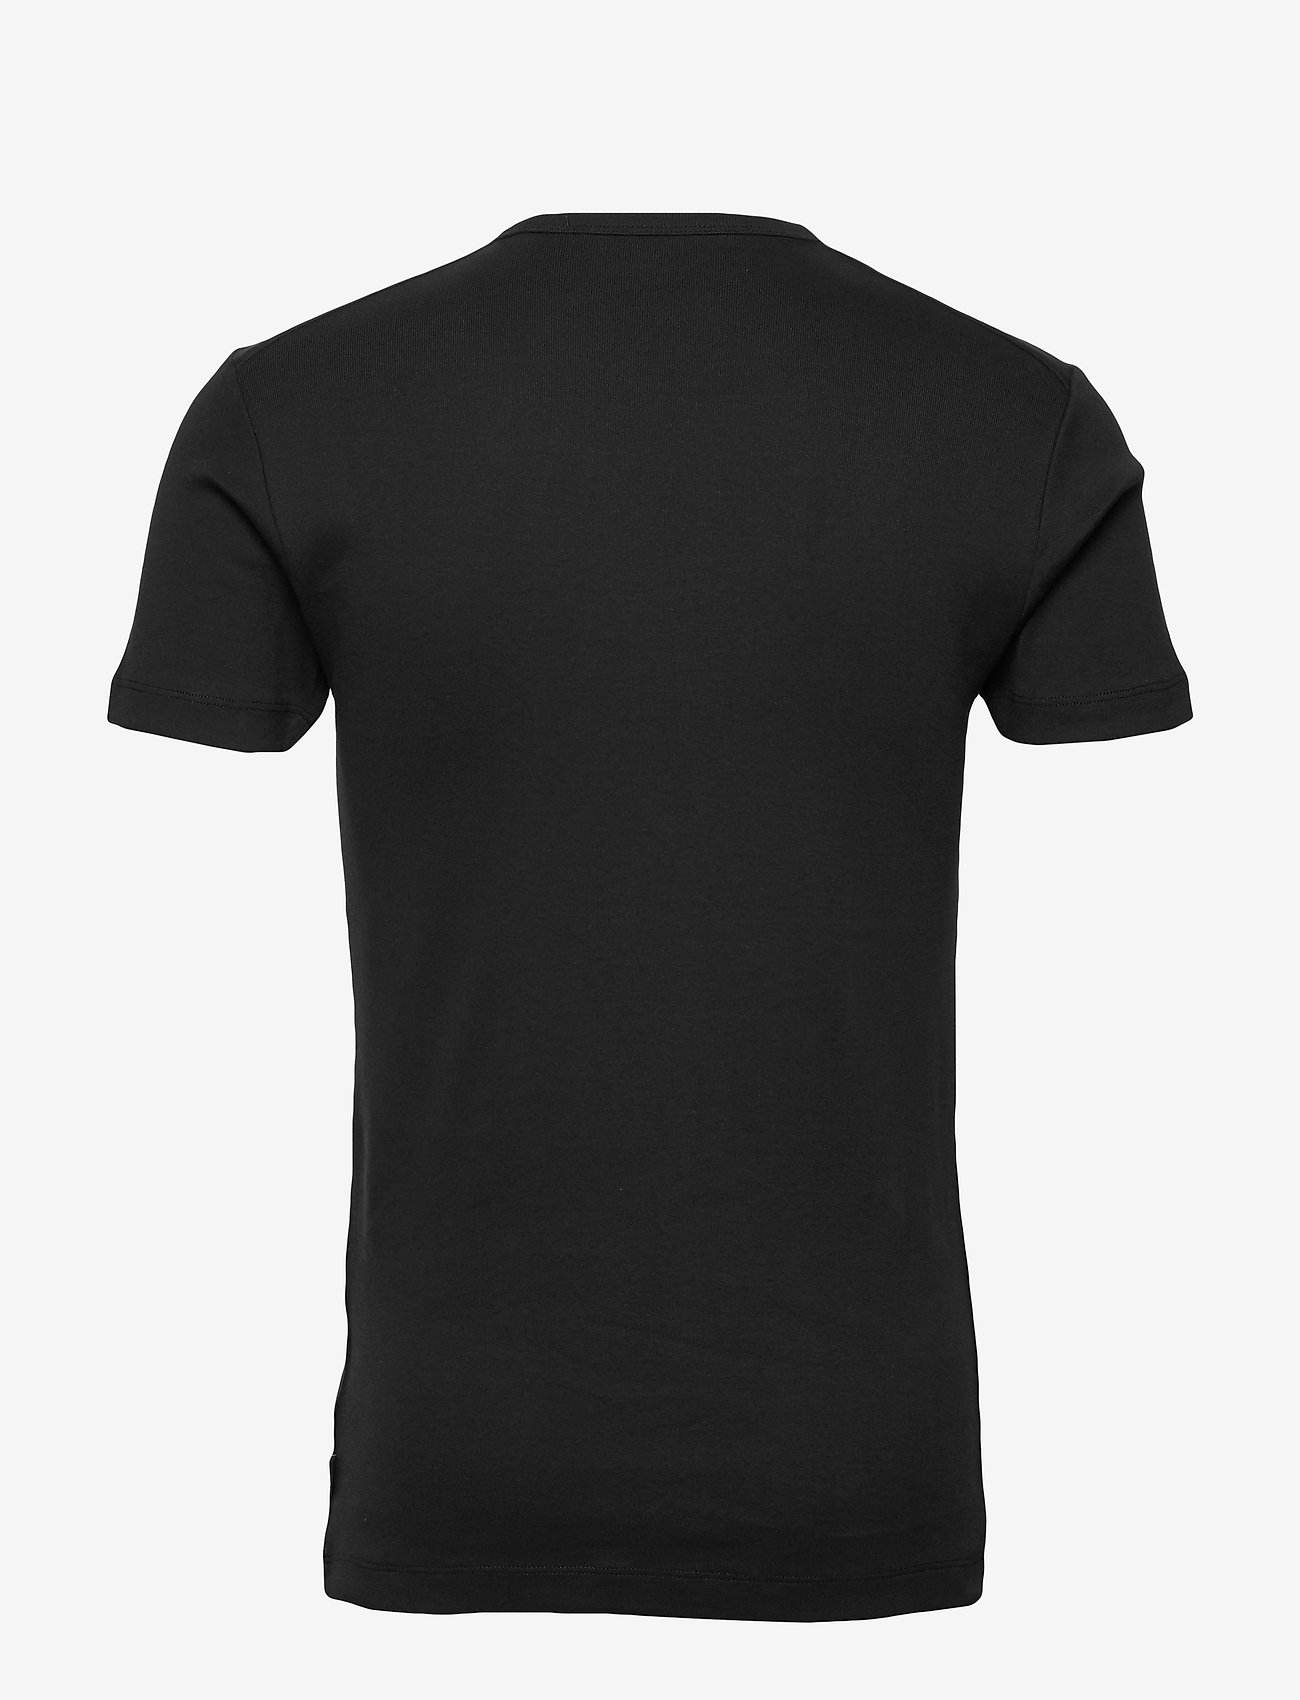 Esprit Casual - T-Shirts - t-shirts basiques - black - 1